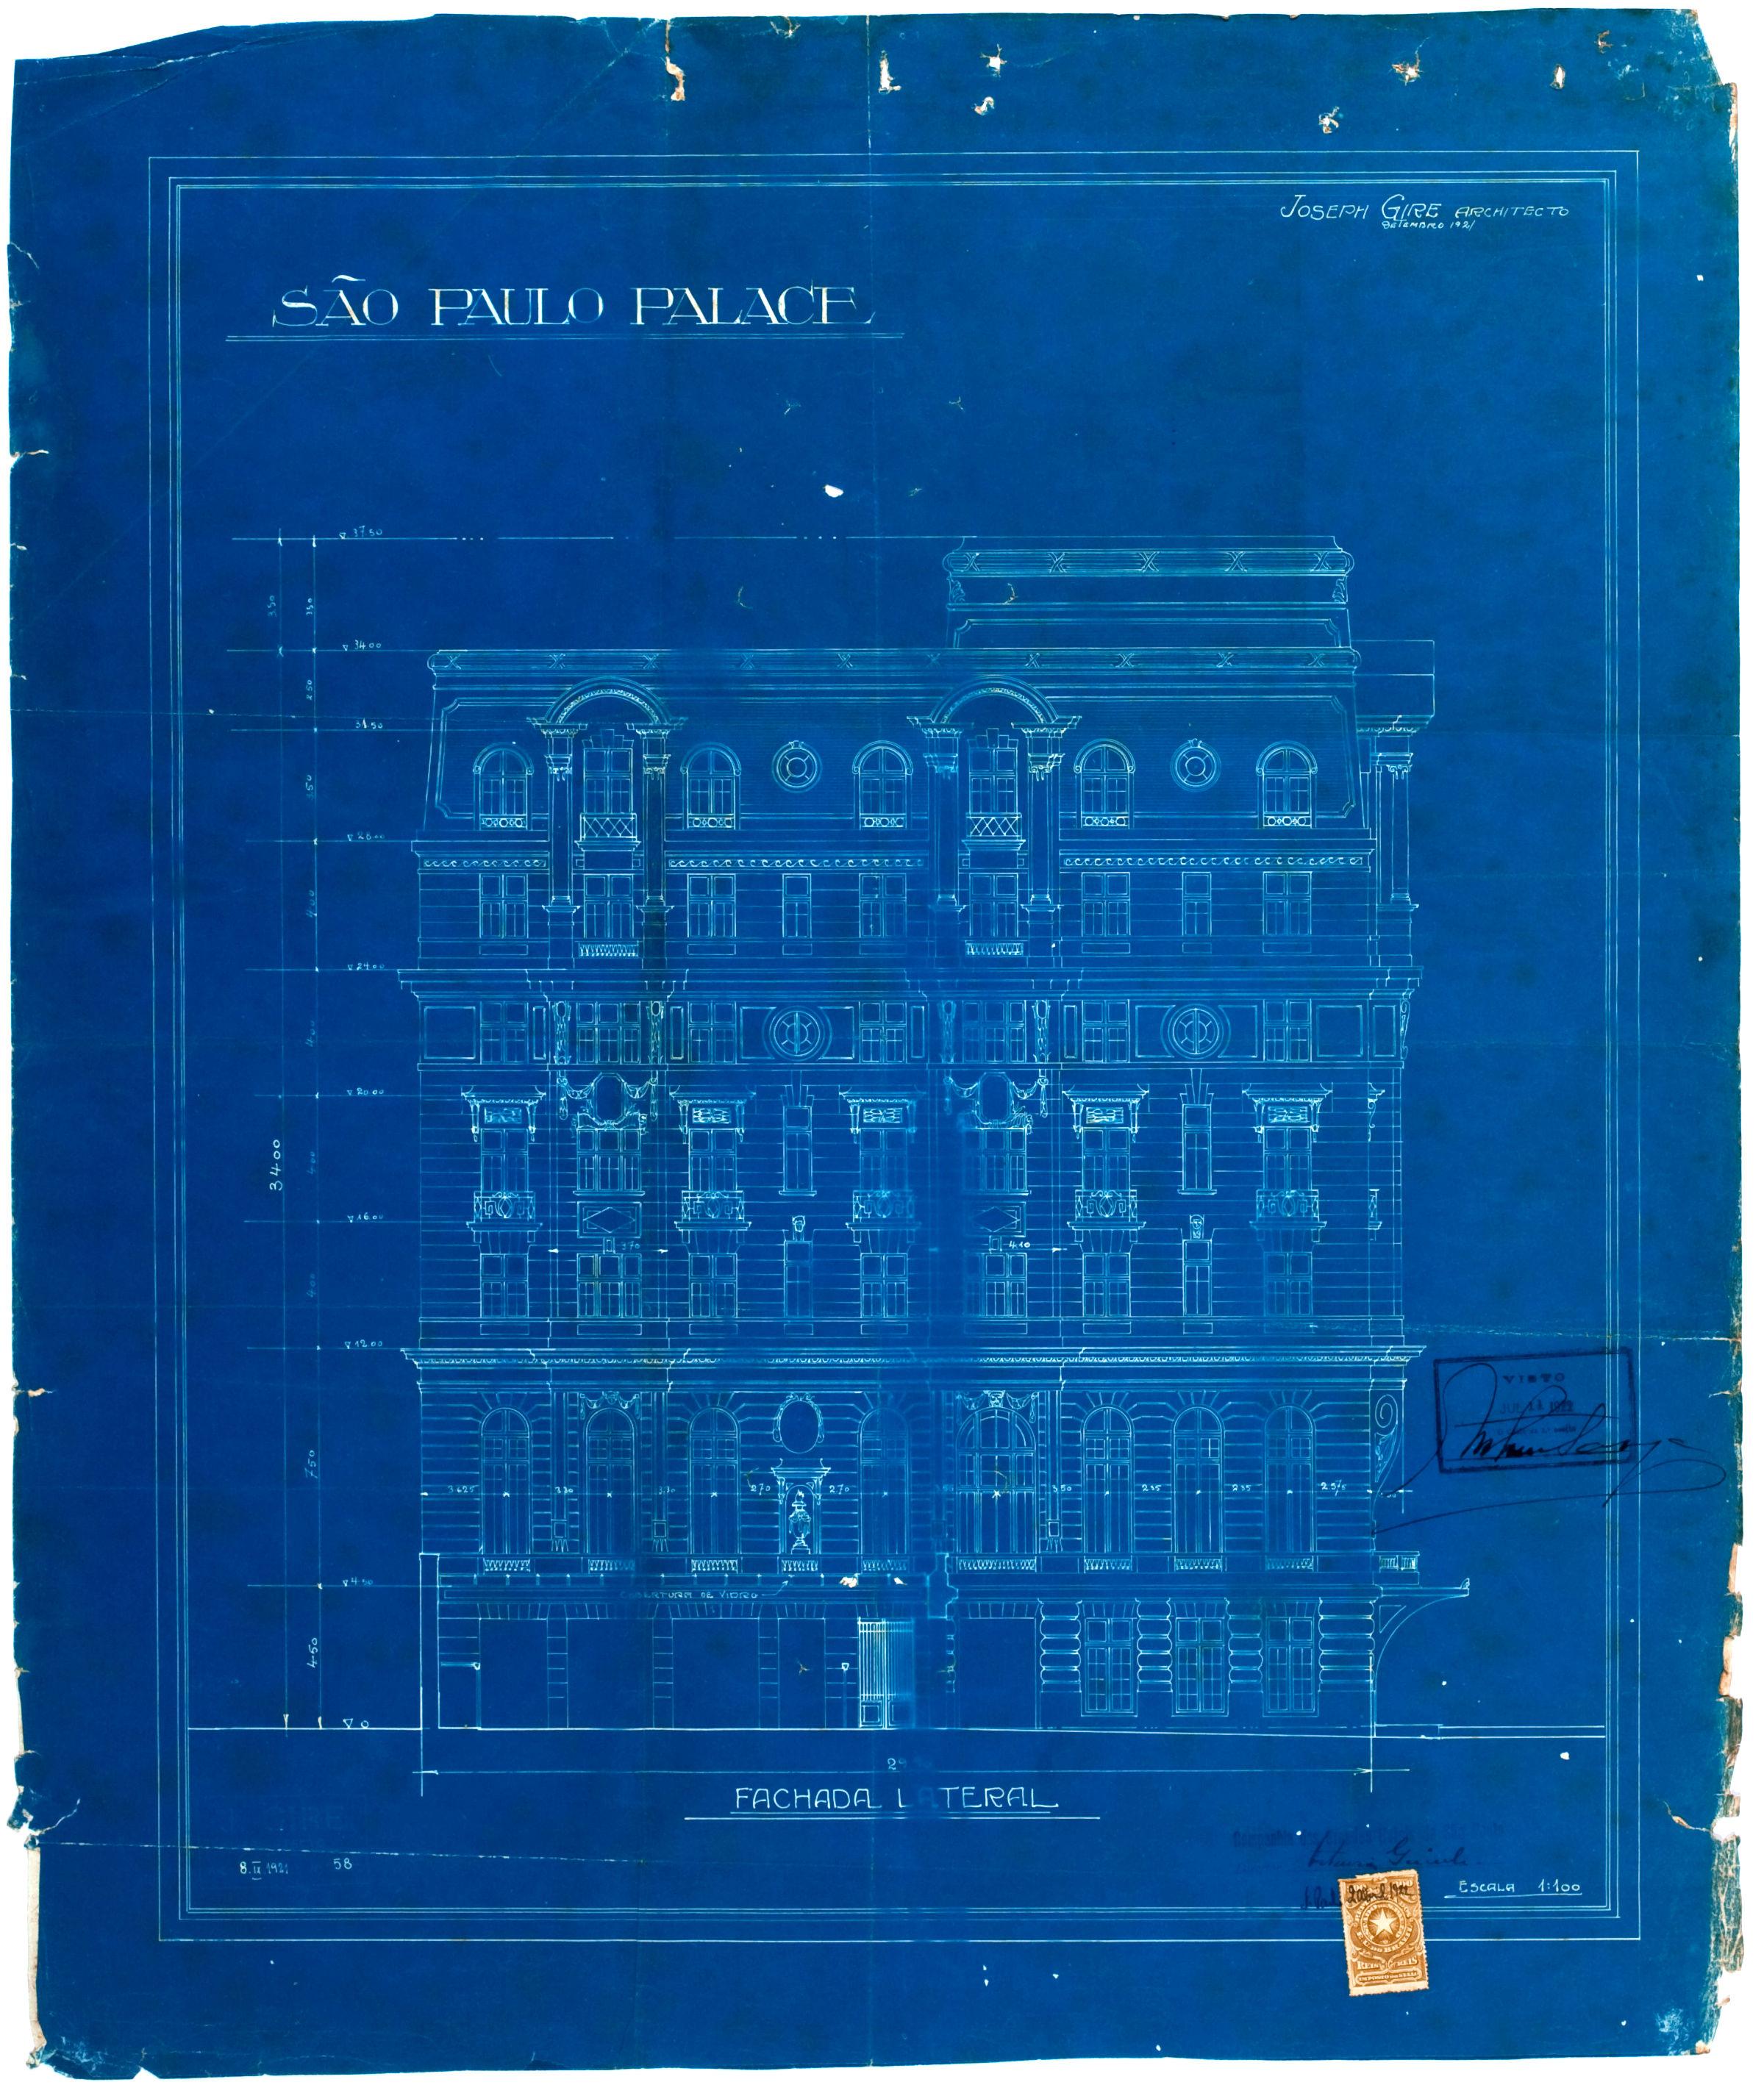 Esplanada Hotel, 1922 - fachada noroeste